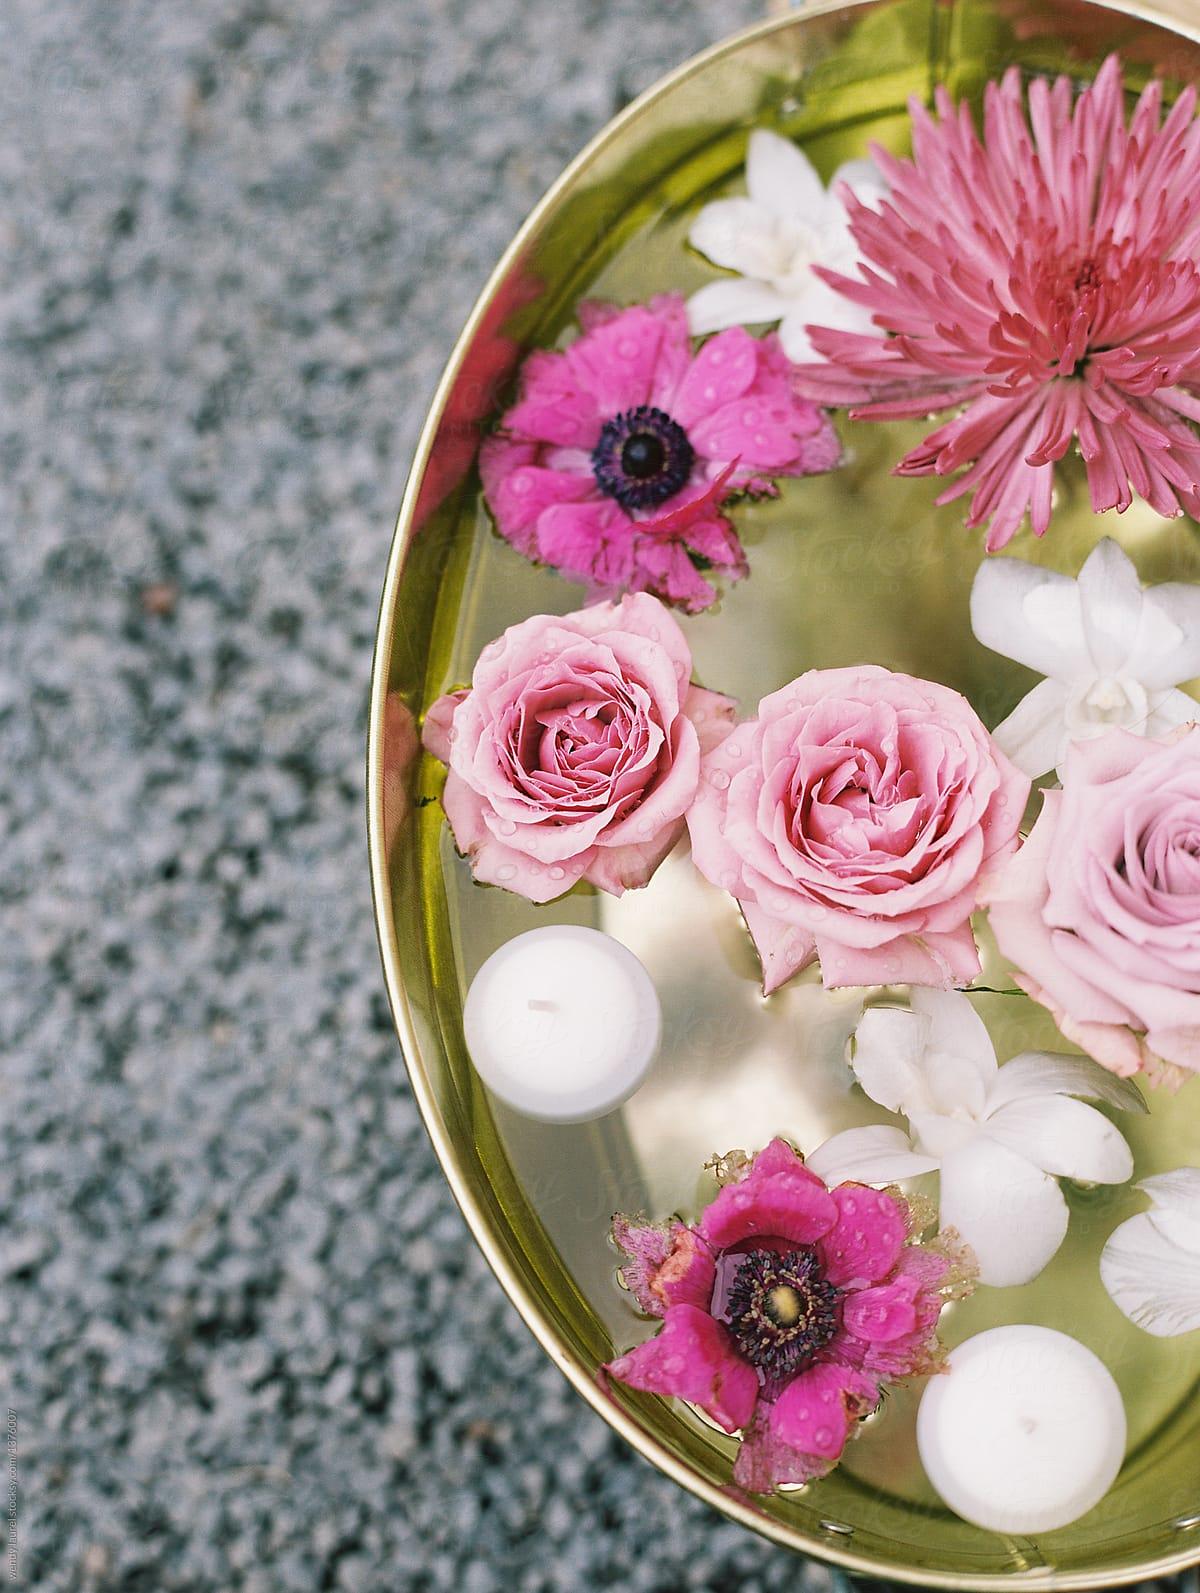 Pretty Flowers Floating In Water In Copper Bucket Stocksy United